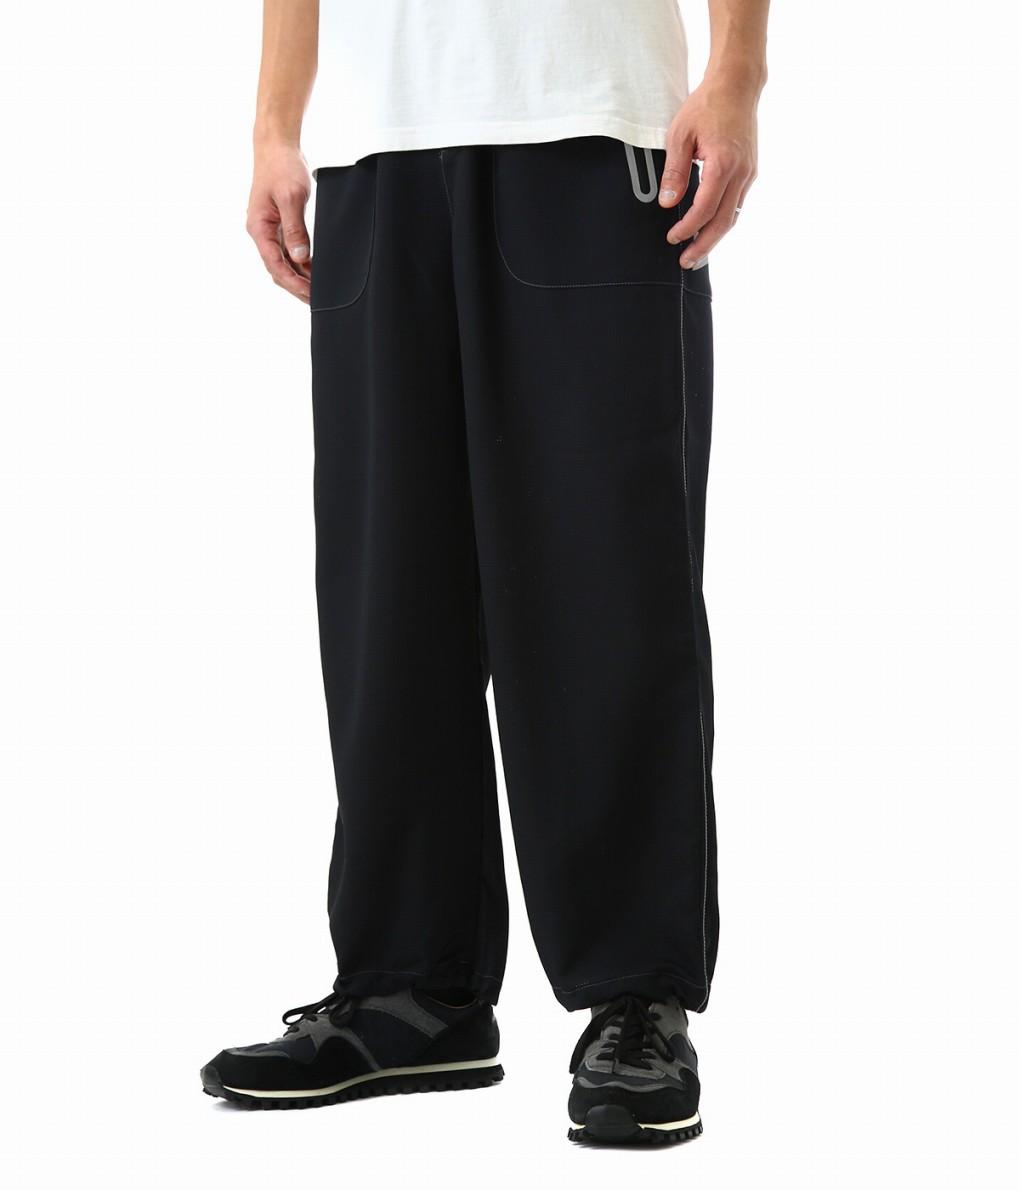 and wander / アンドワンダー : vent pants / 全2色 : ベントパンツ パンツ ロングパンツ メンズ : AW91-FF039 【PIE】